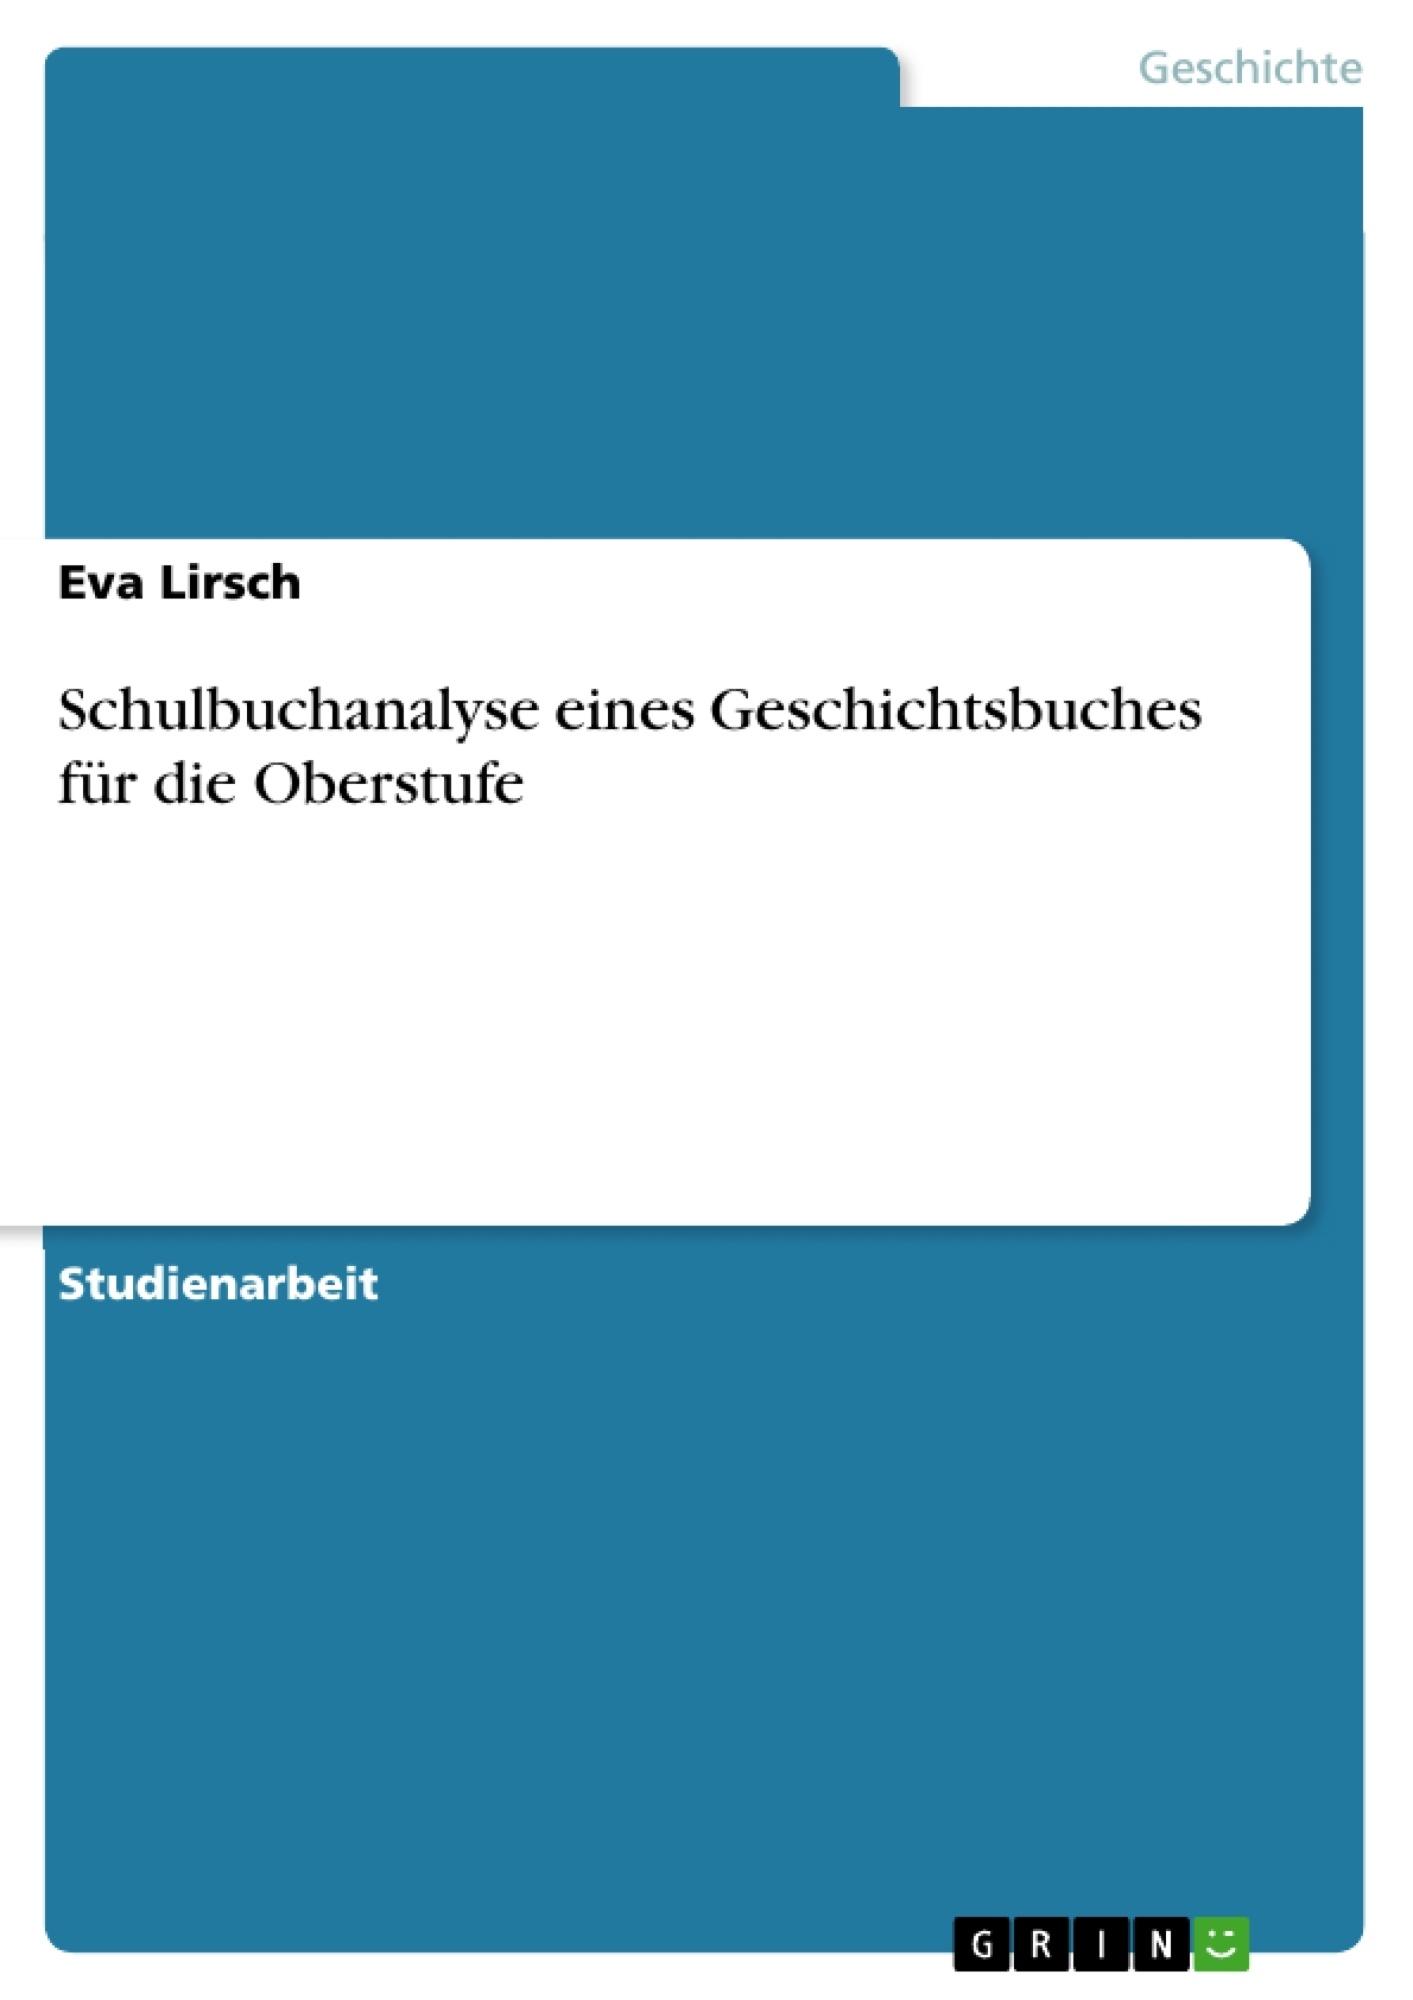 Titel: Schulbuchanalyse eines Geschichtsbuches für die Oberstufe